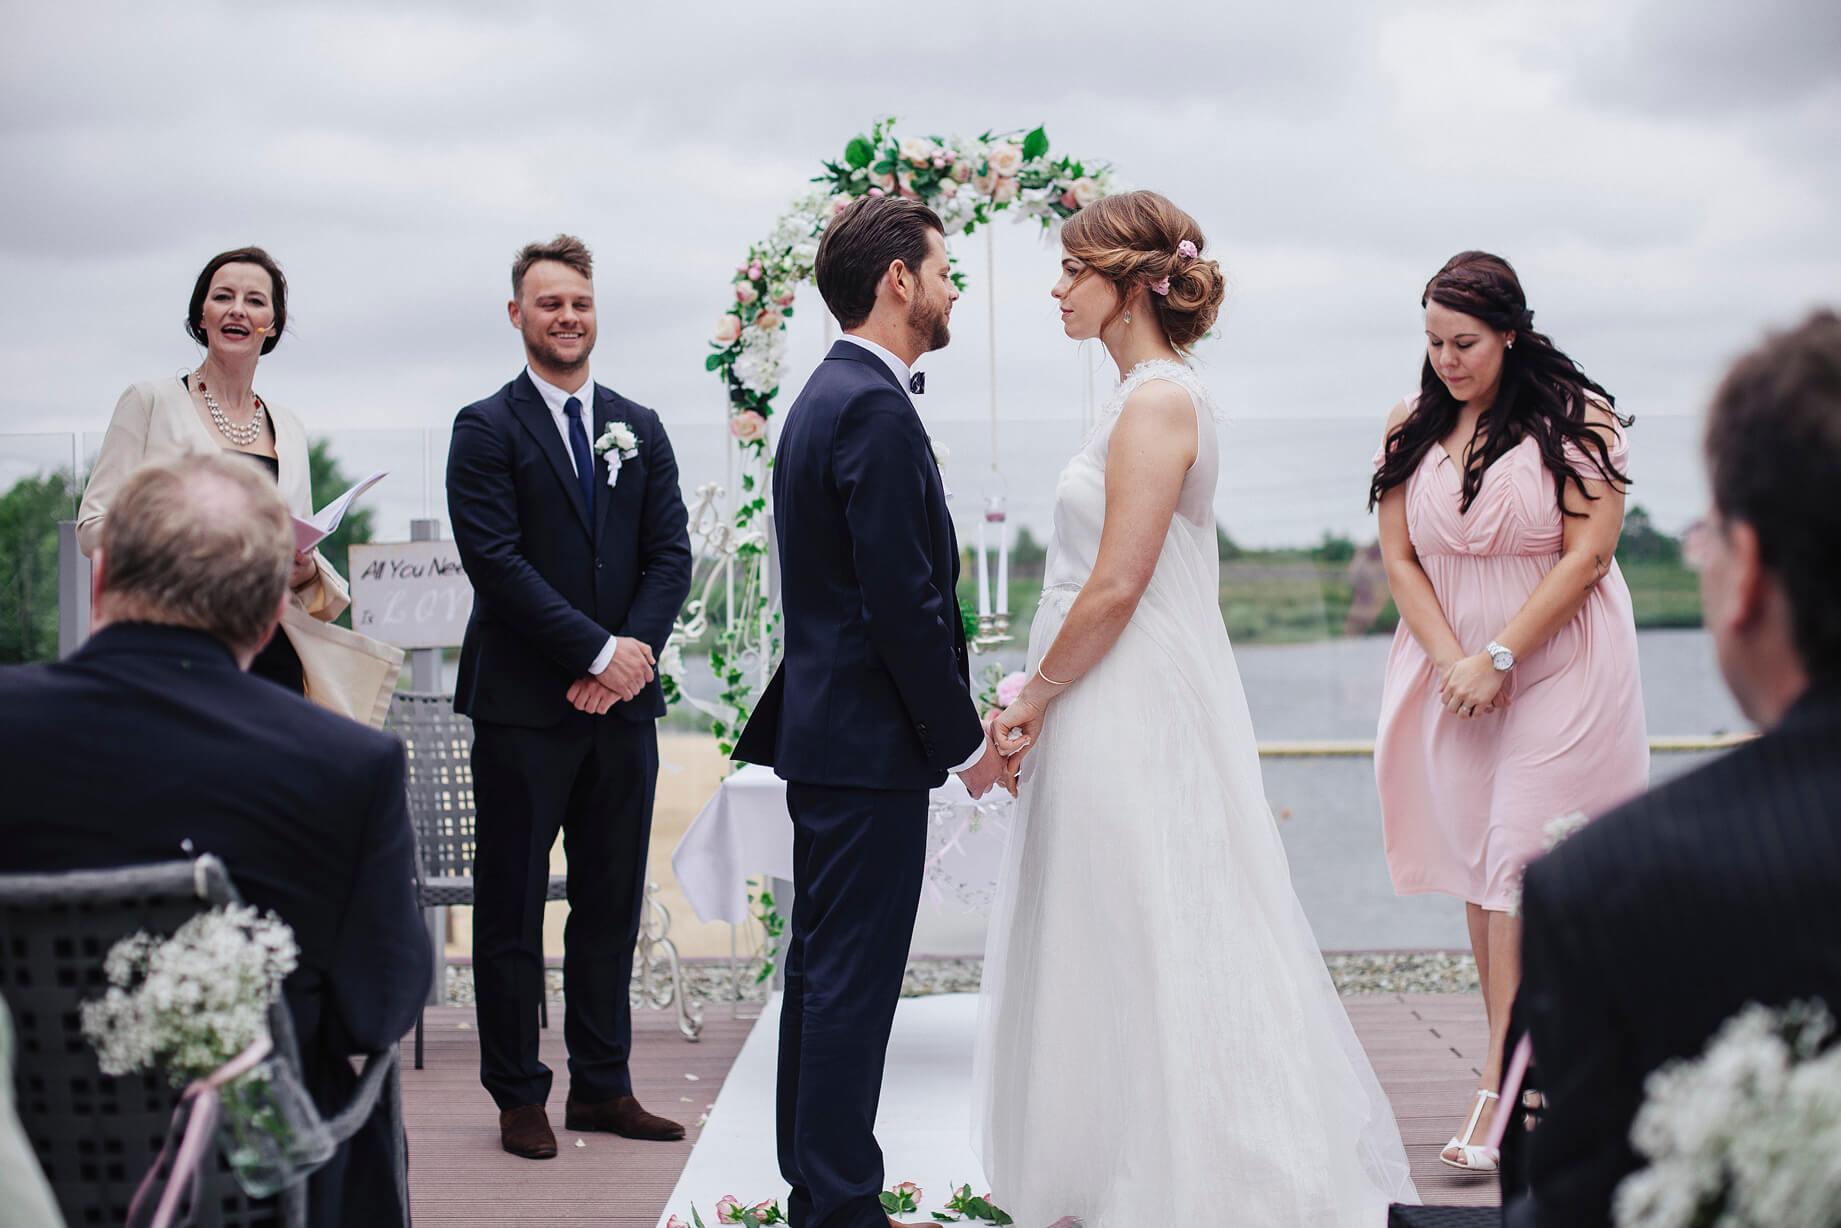 you-me-us_wedding-and-family-photography_hochzeitsreportage-hamburg_isabelle-niki_111